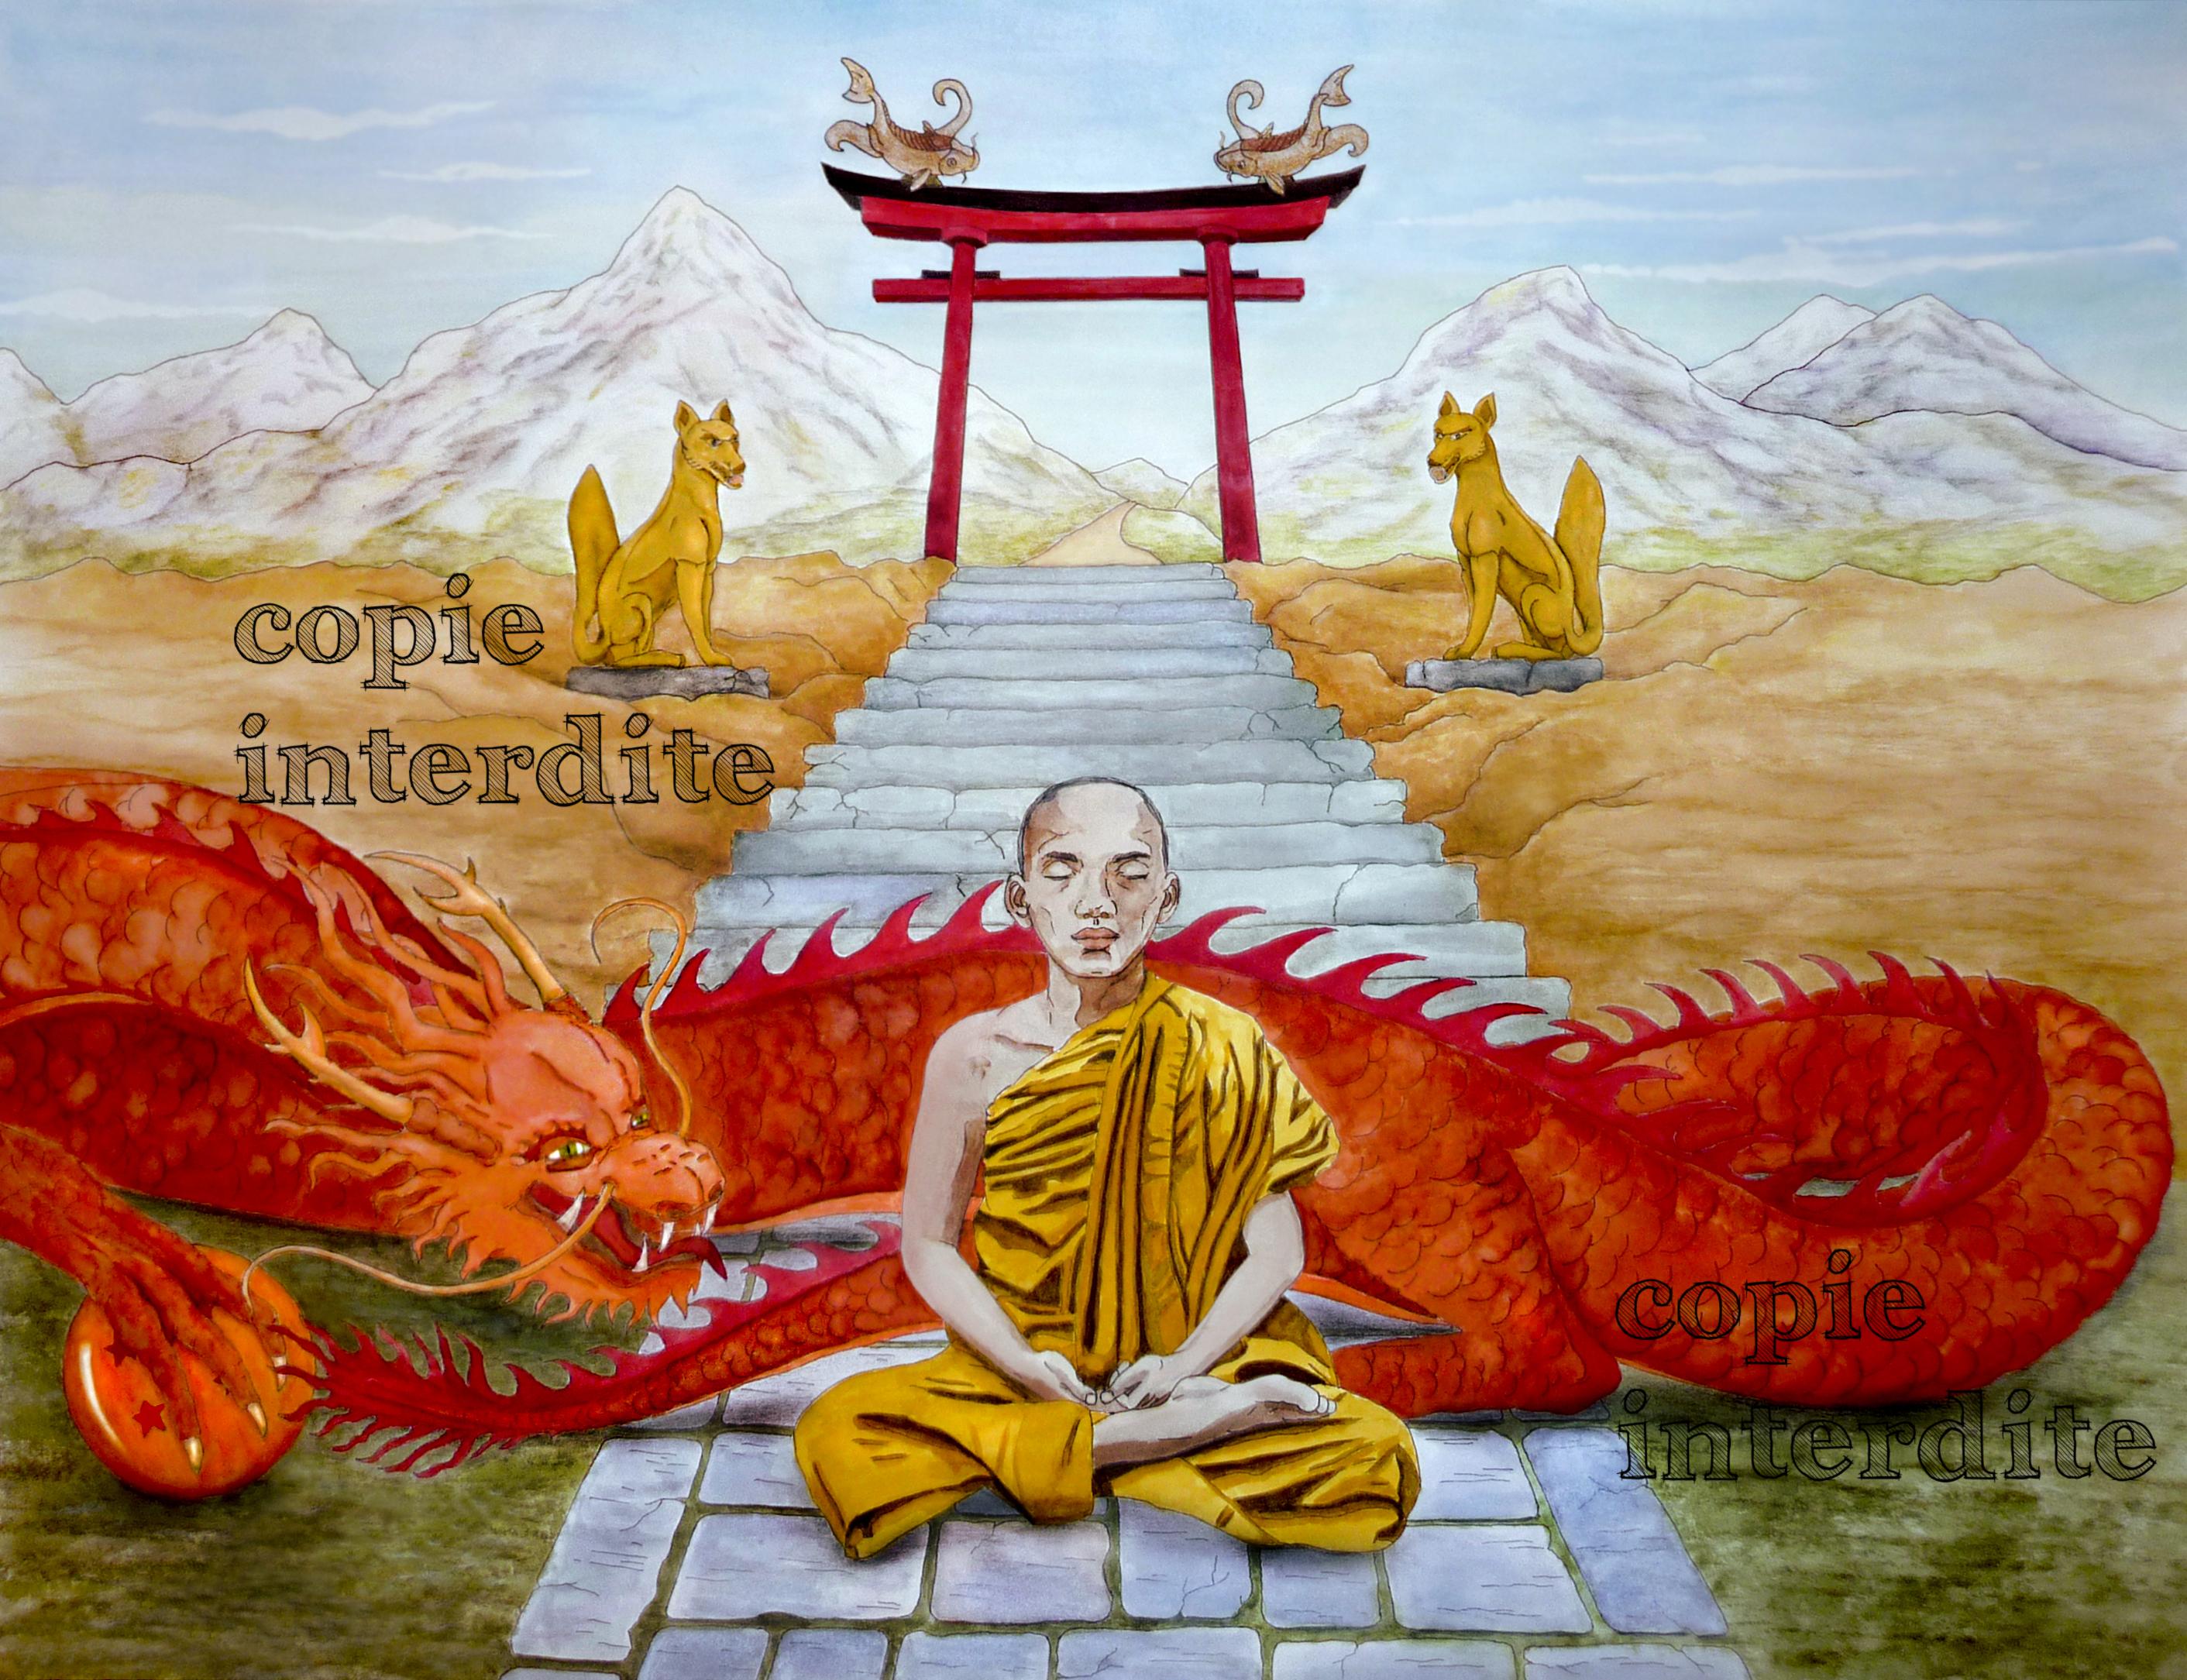 Le moine et son dragon